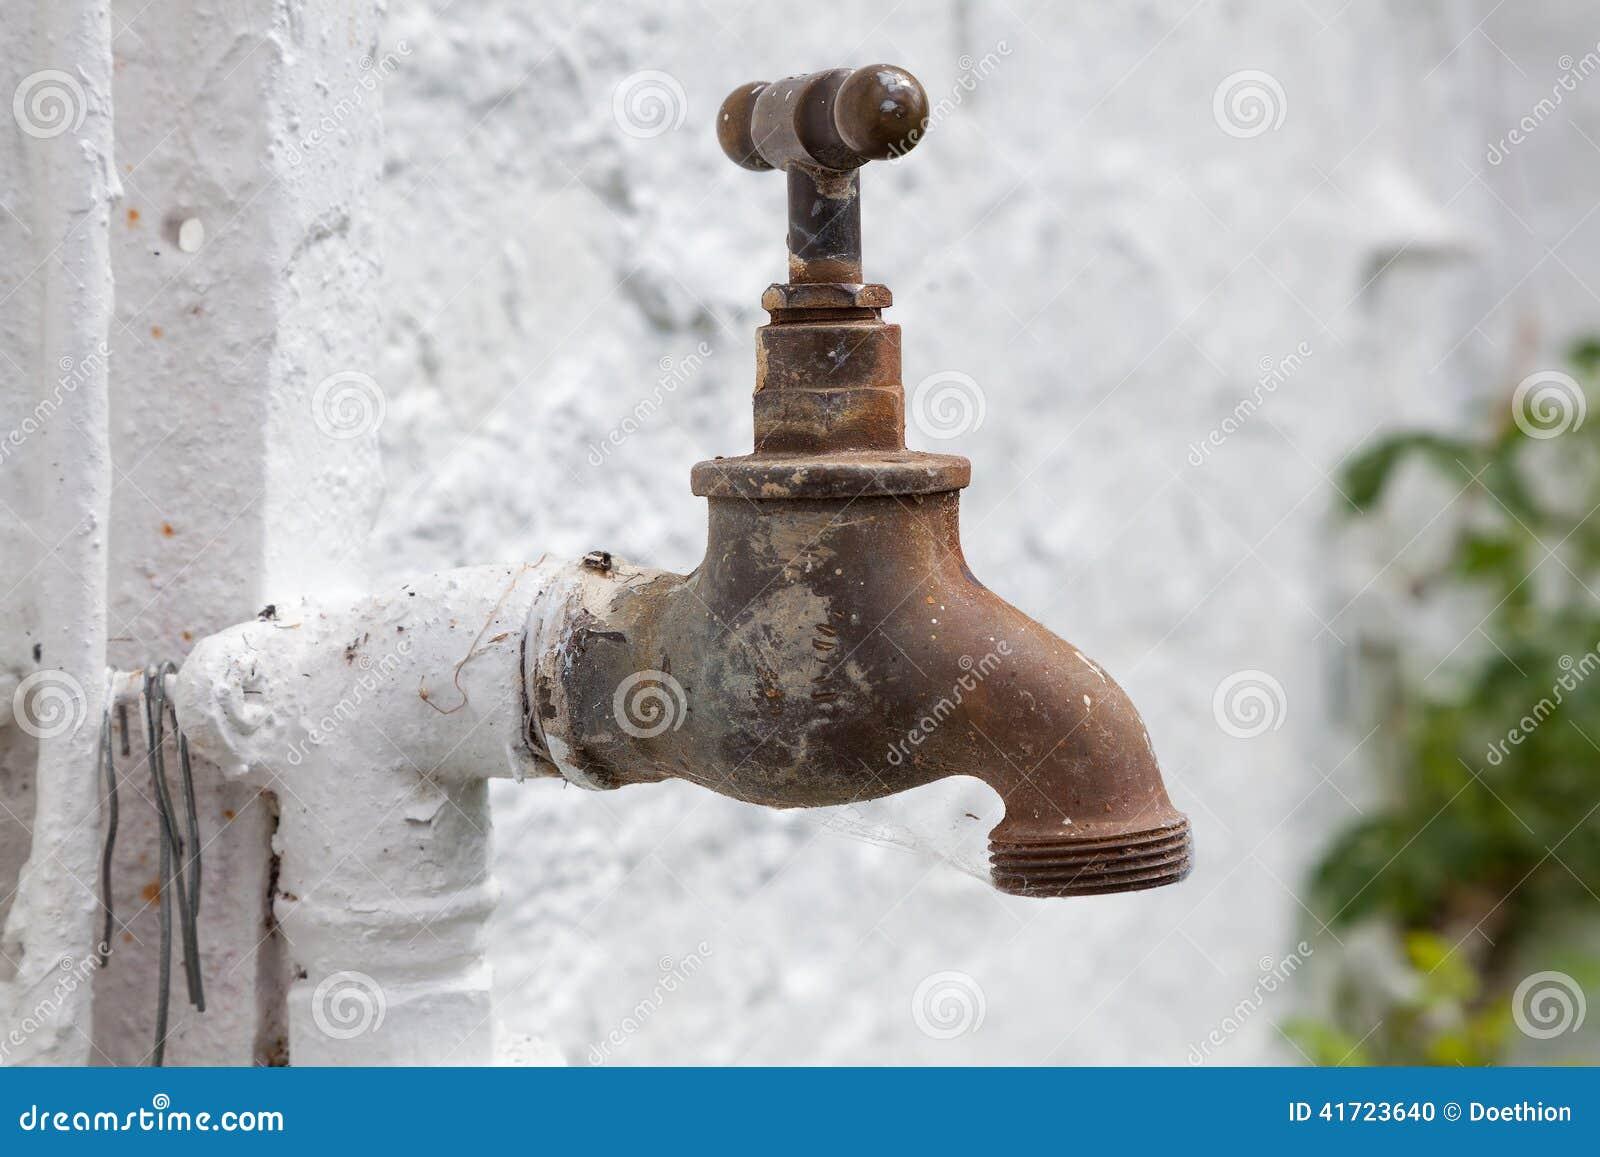 Vieux robinet en laiton pour l 39 arrosage de jardin photo for Arrosage du jardin